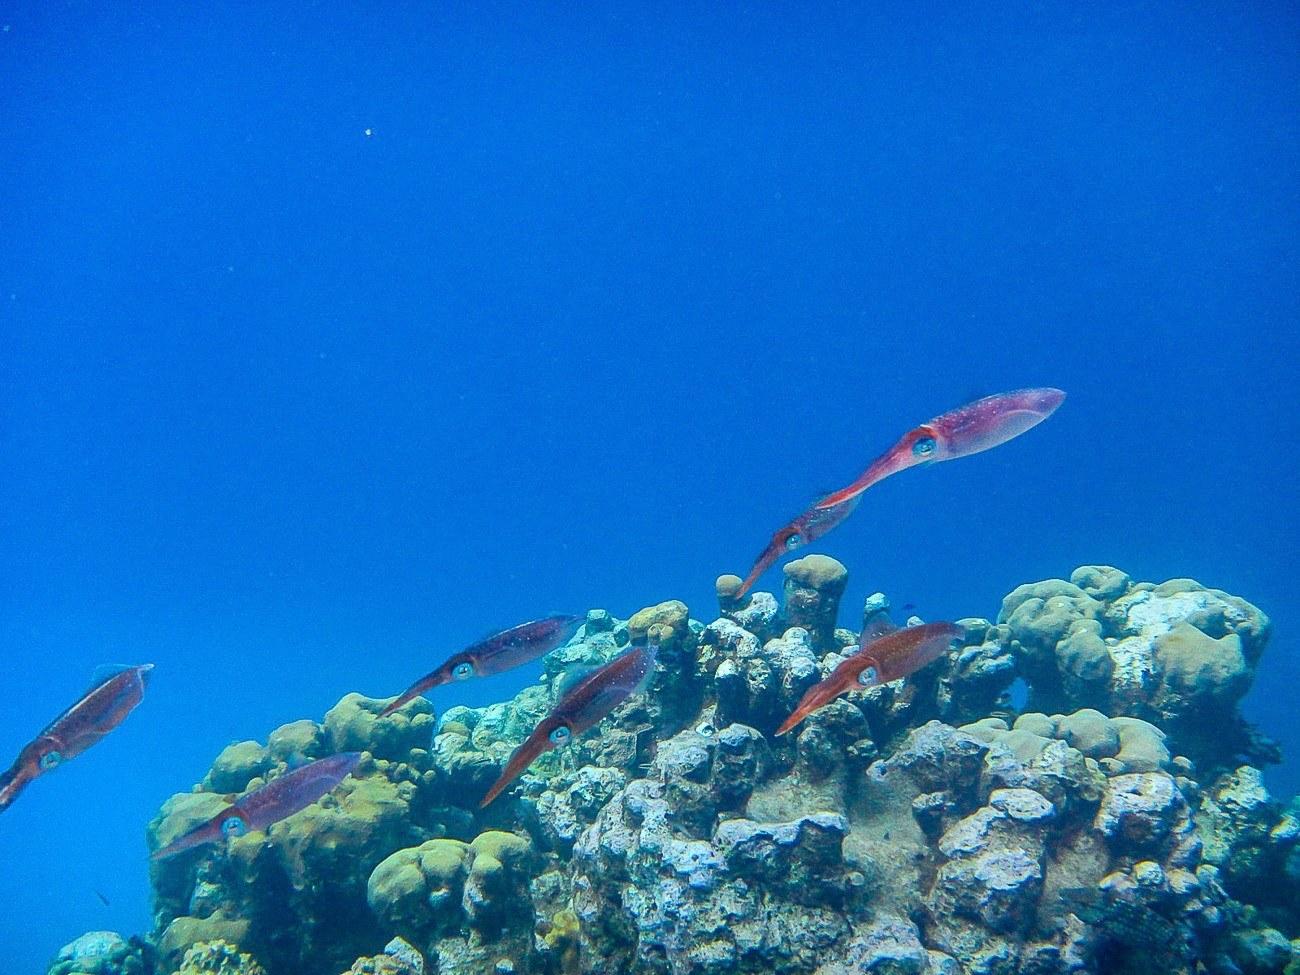 Fish swimming underwater caught by my daughter's underwater camera.